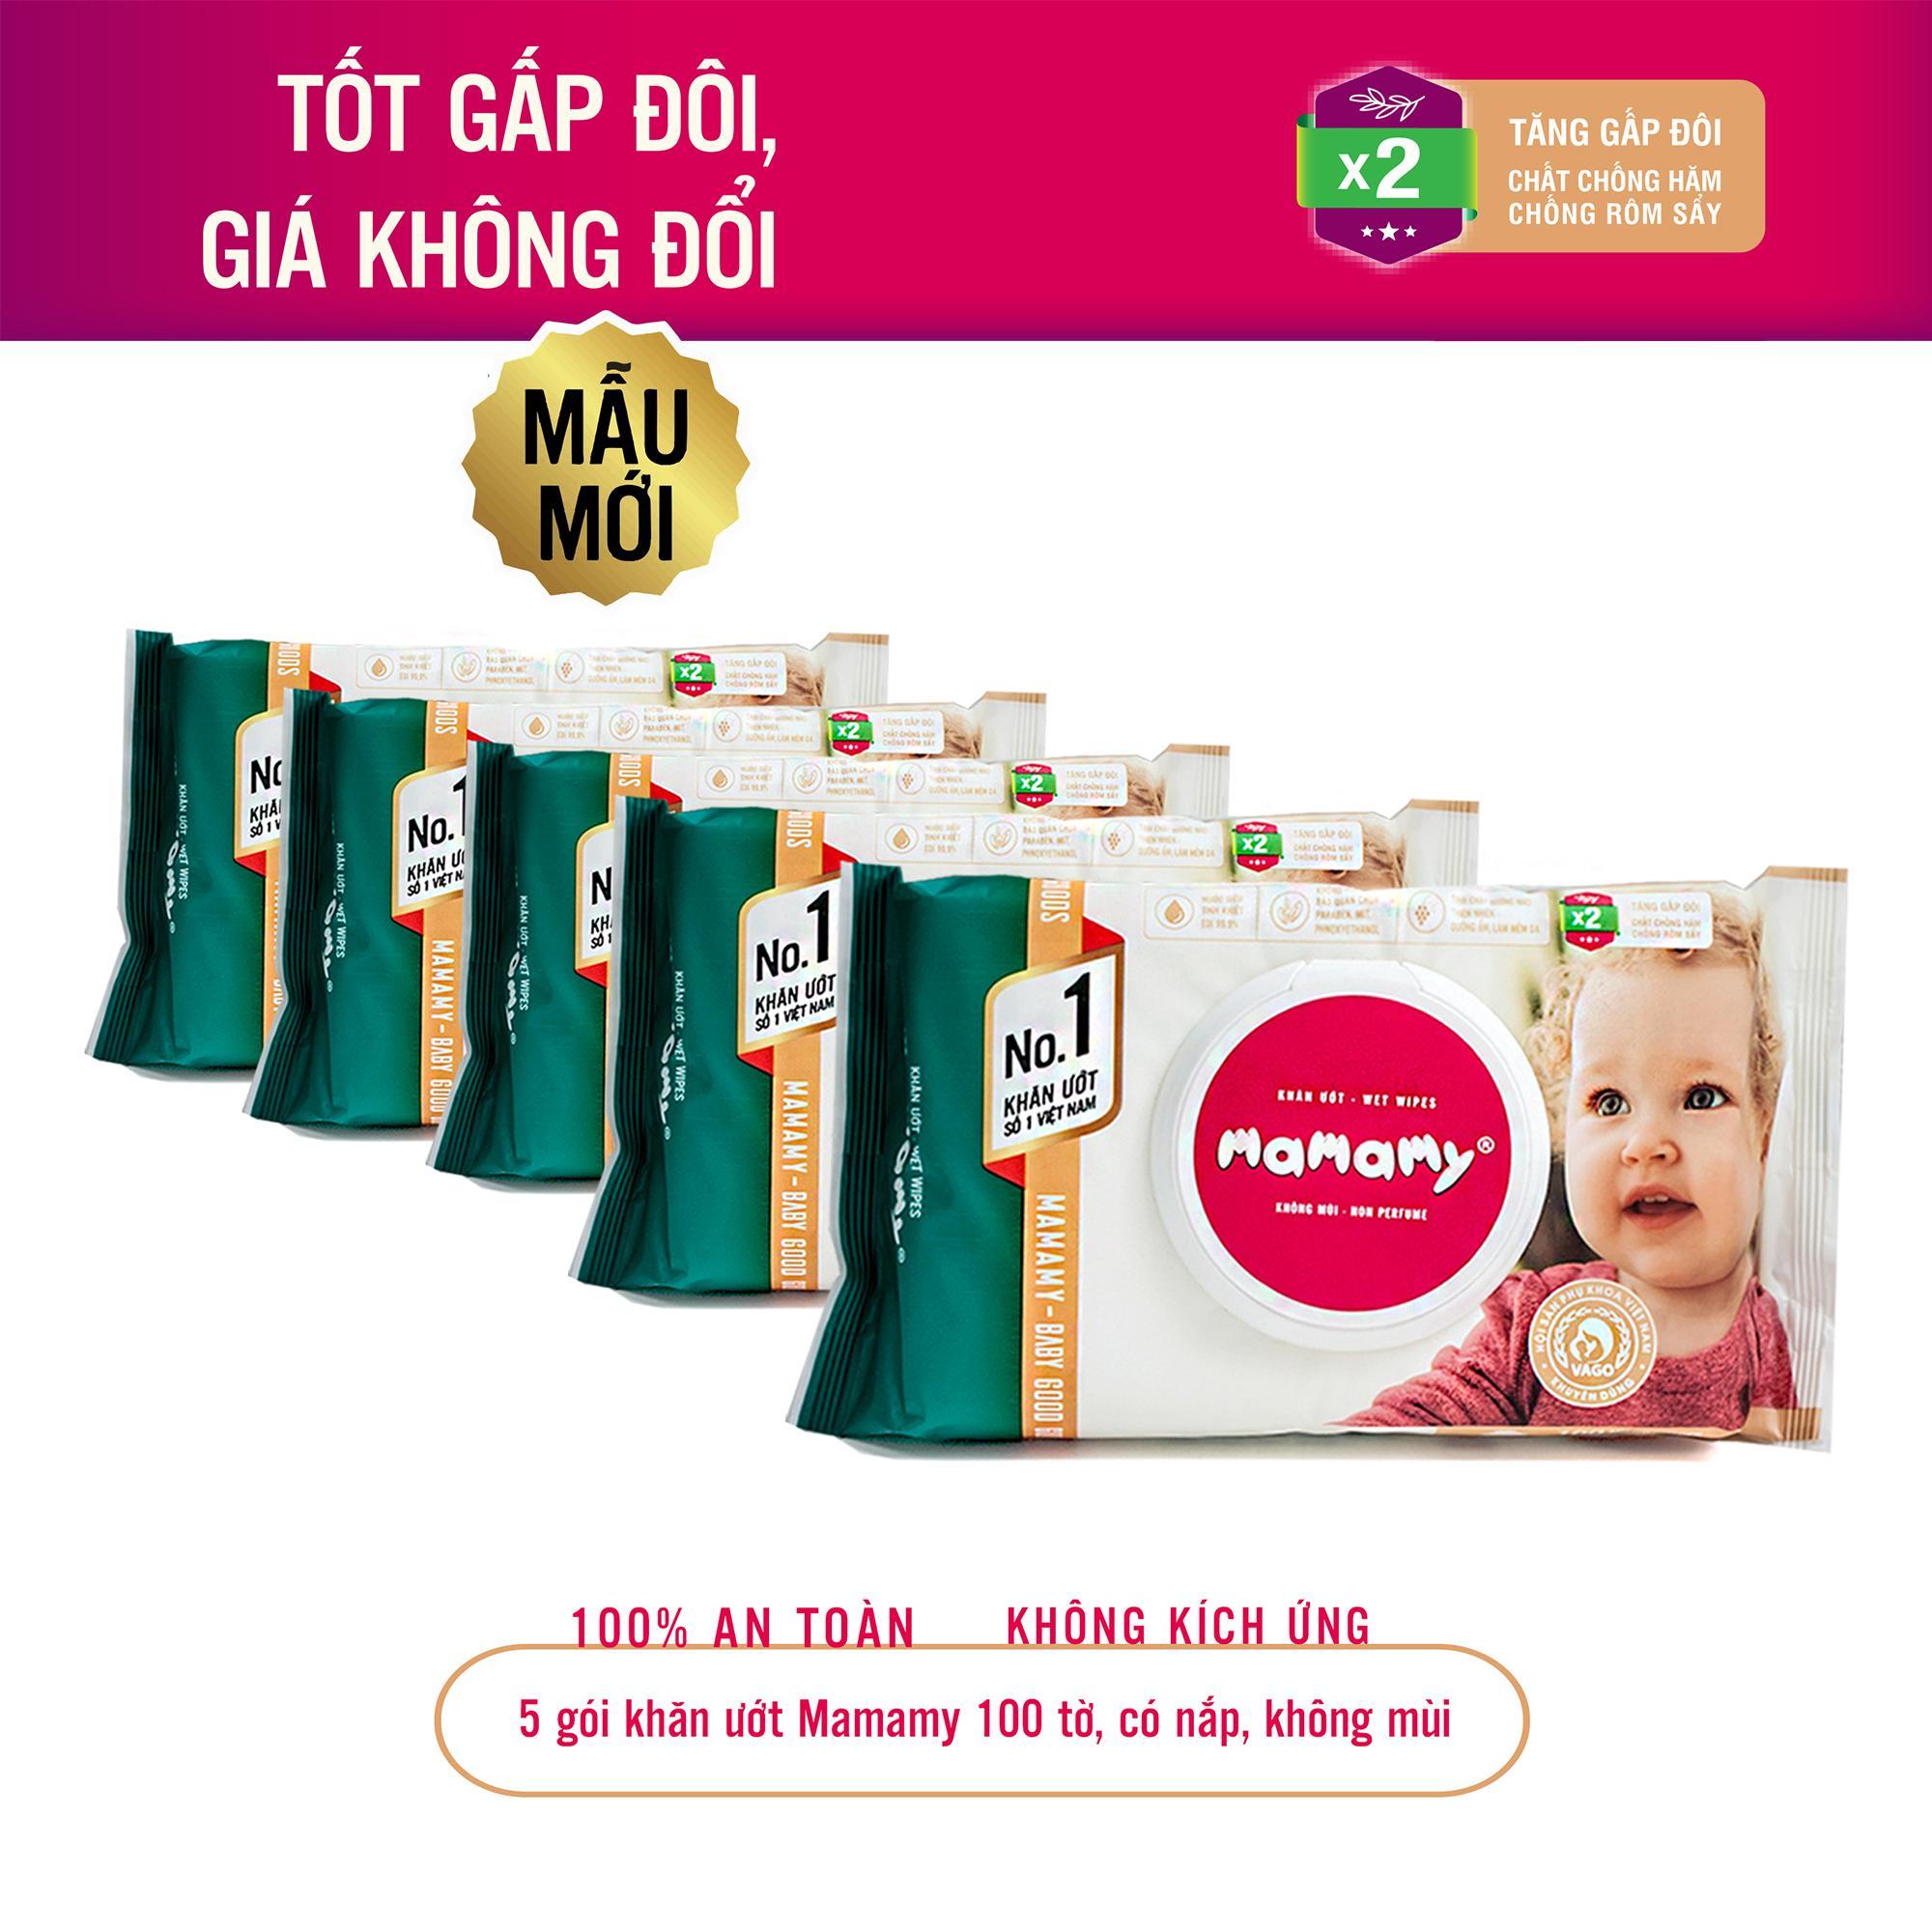 5 gói khăn ướt Mamamy 100 tờ, nắp, không mùi chuẩn quốc tế, 100% an toàn